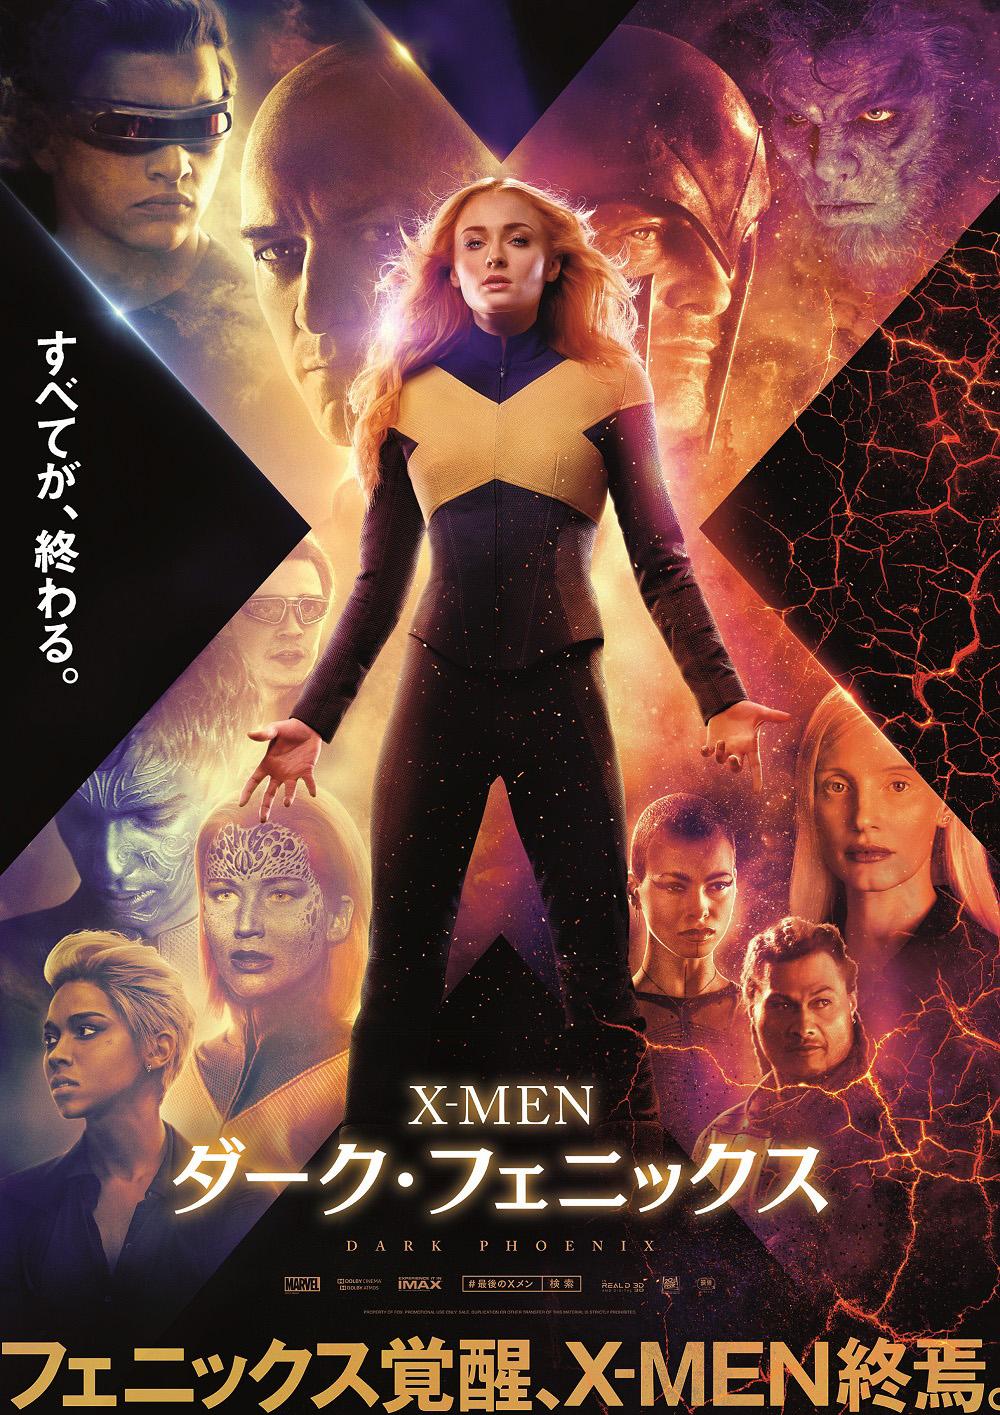 X-MEN:ダークフェニックス 日本版ポスター